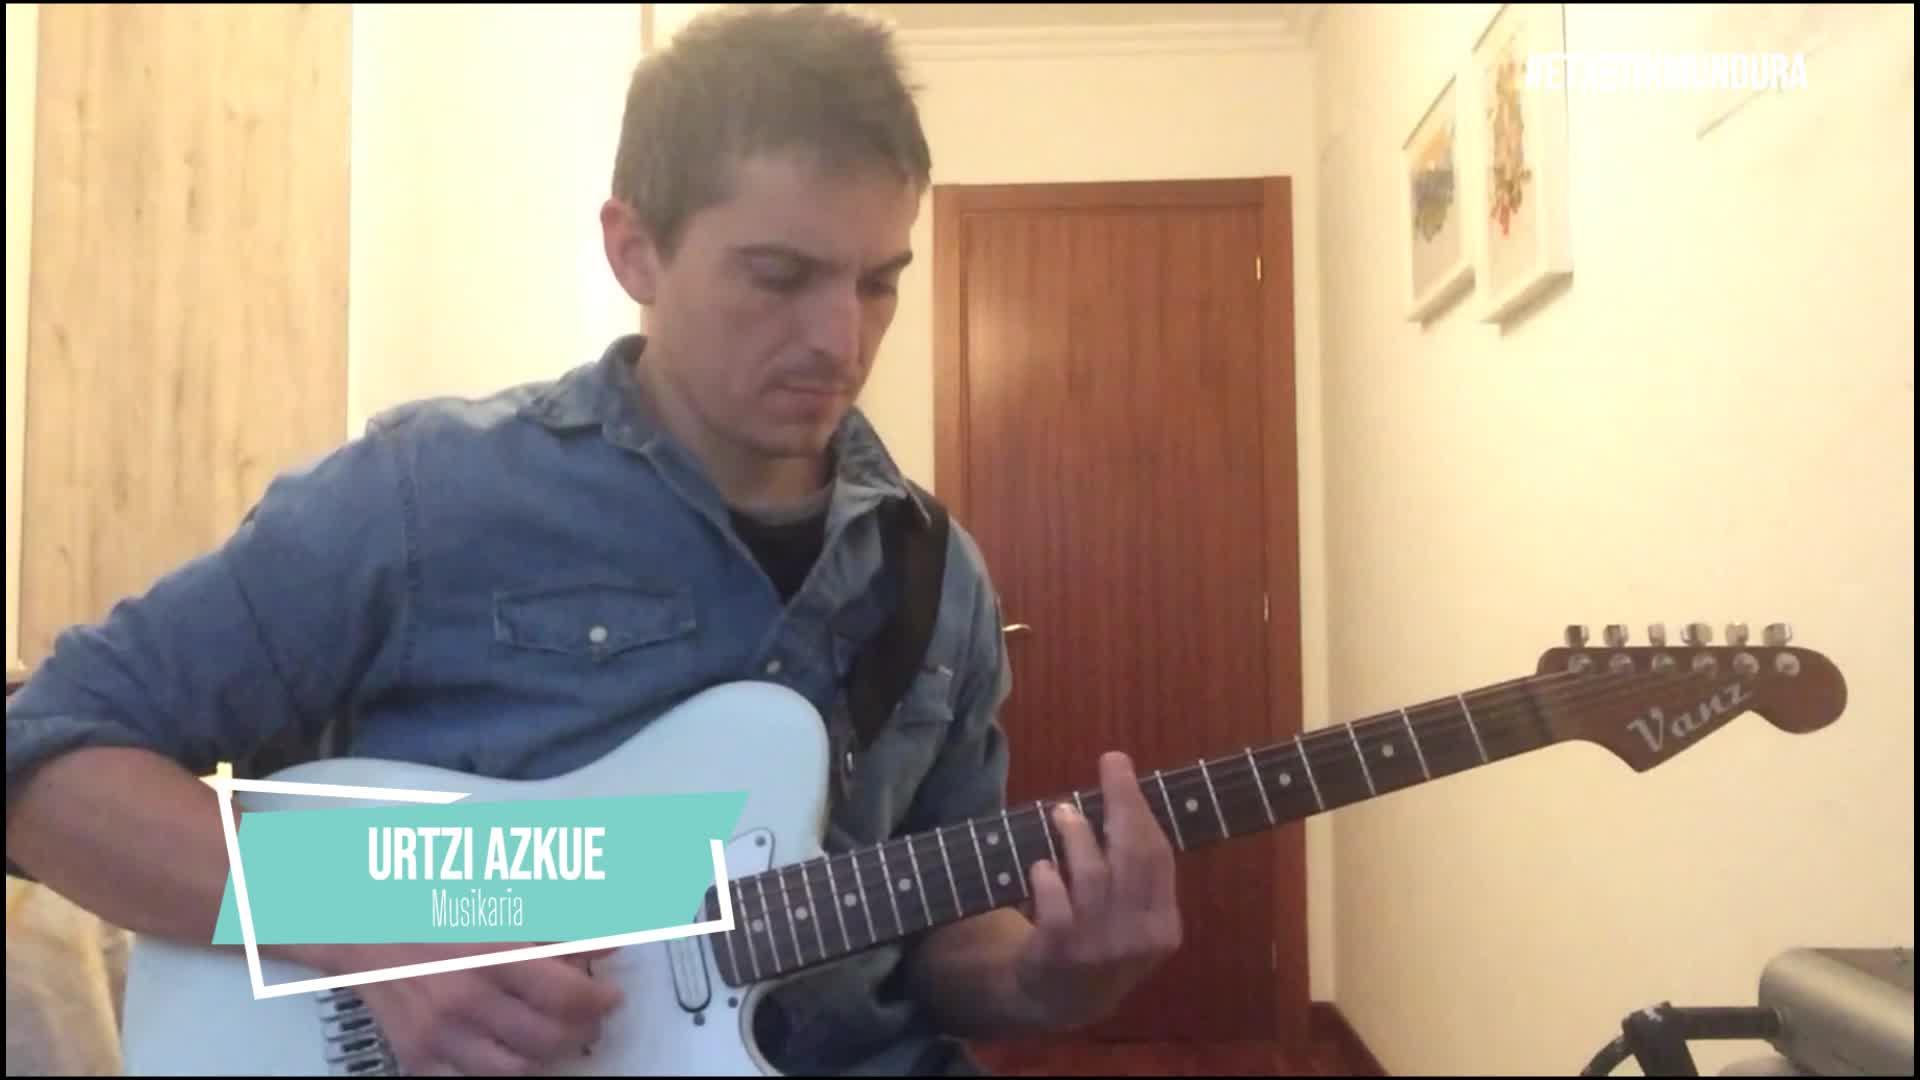 Urtzi Azkue musikaria, etxetik mundura